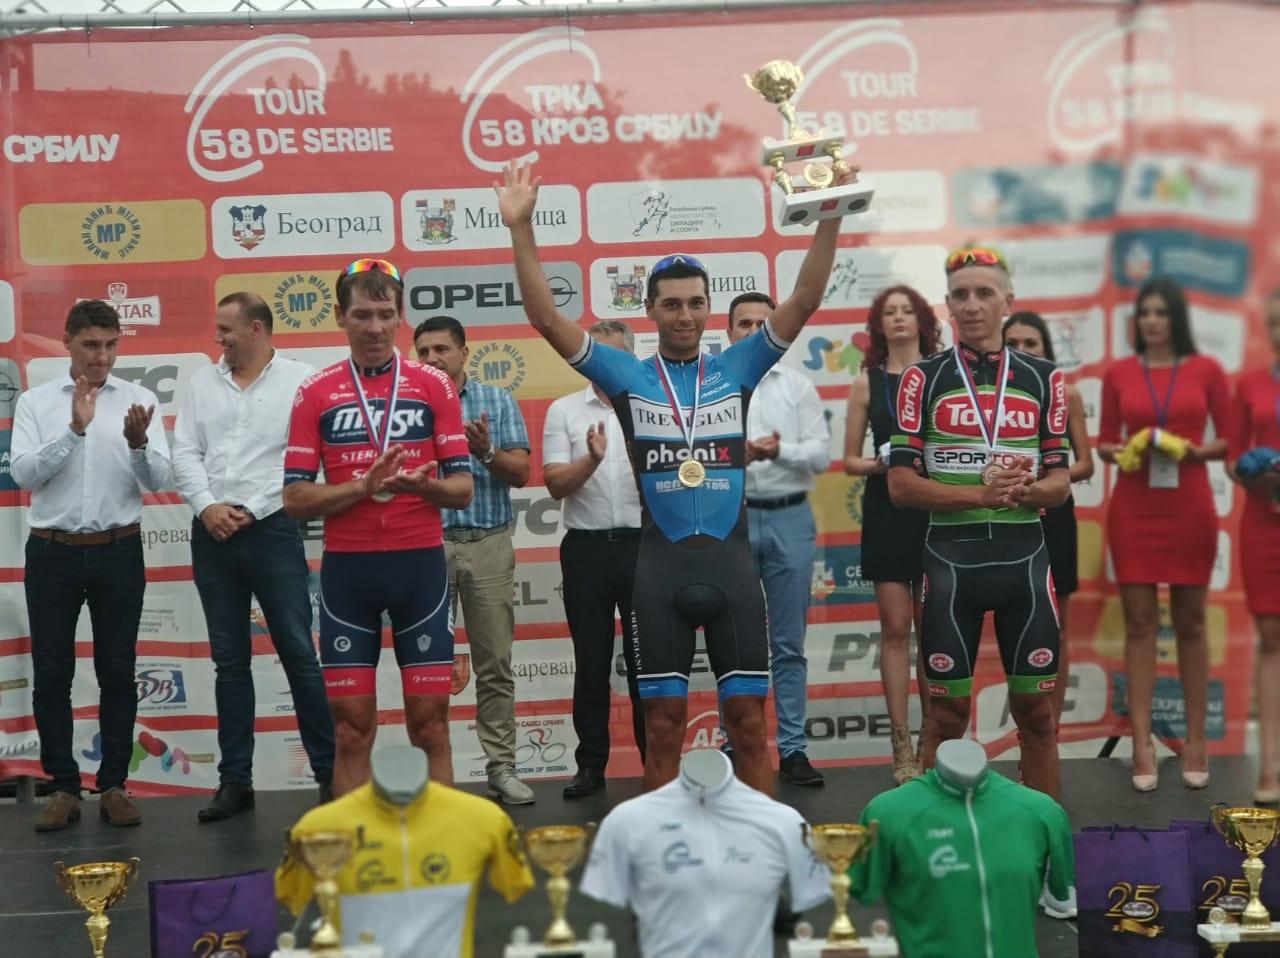 Nicolas Tivani vincitore della prima tappa del Tour of Serbia